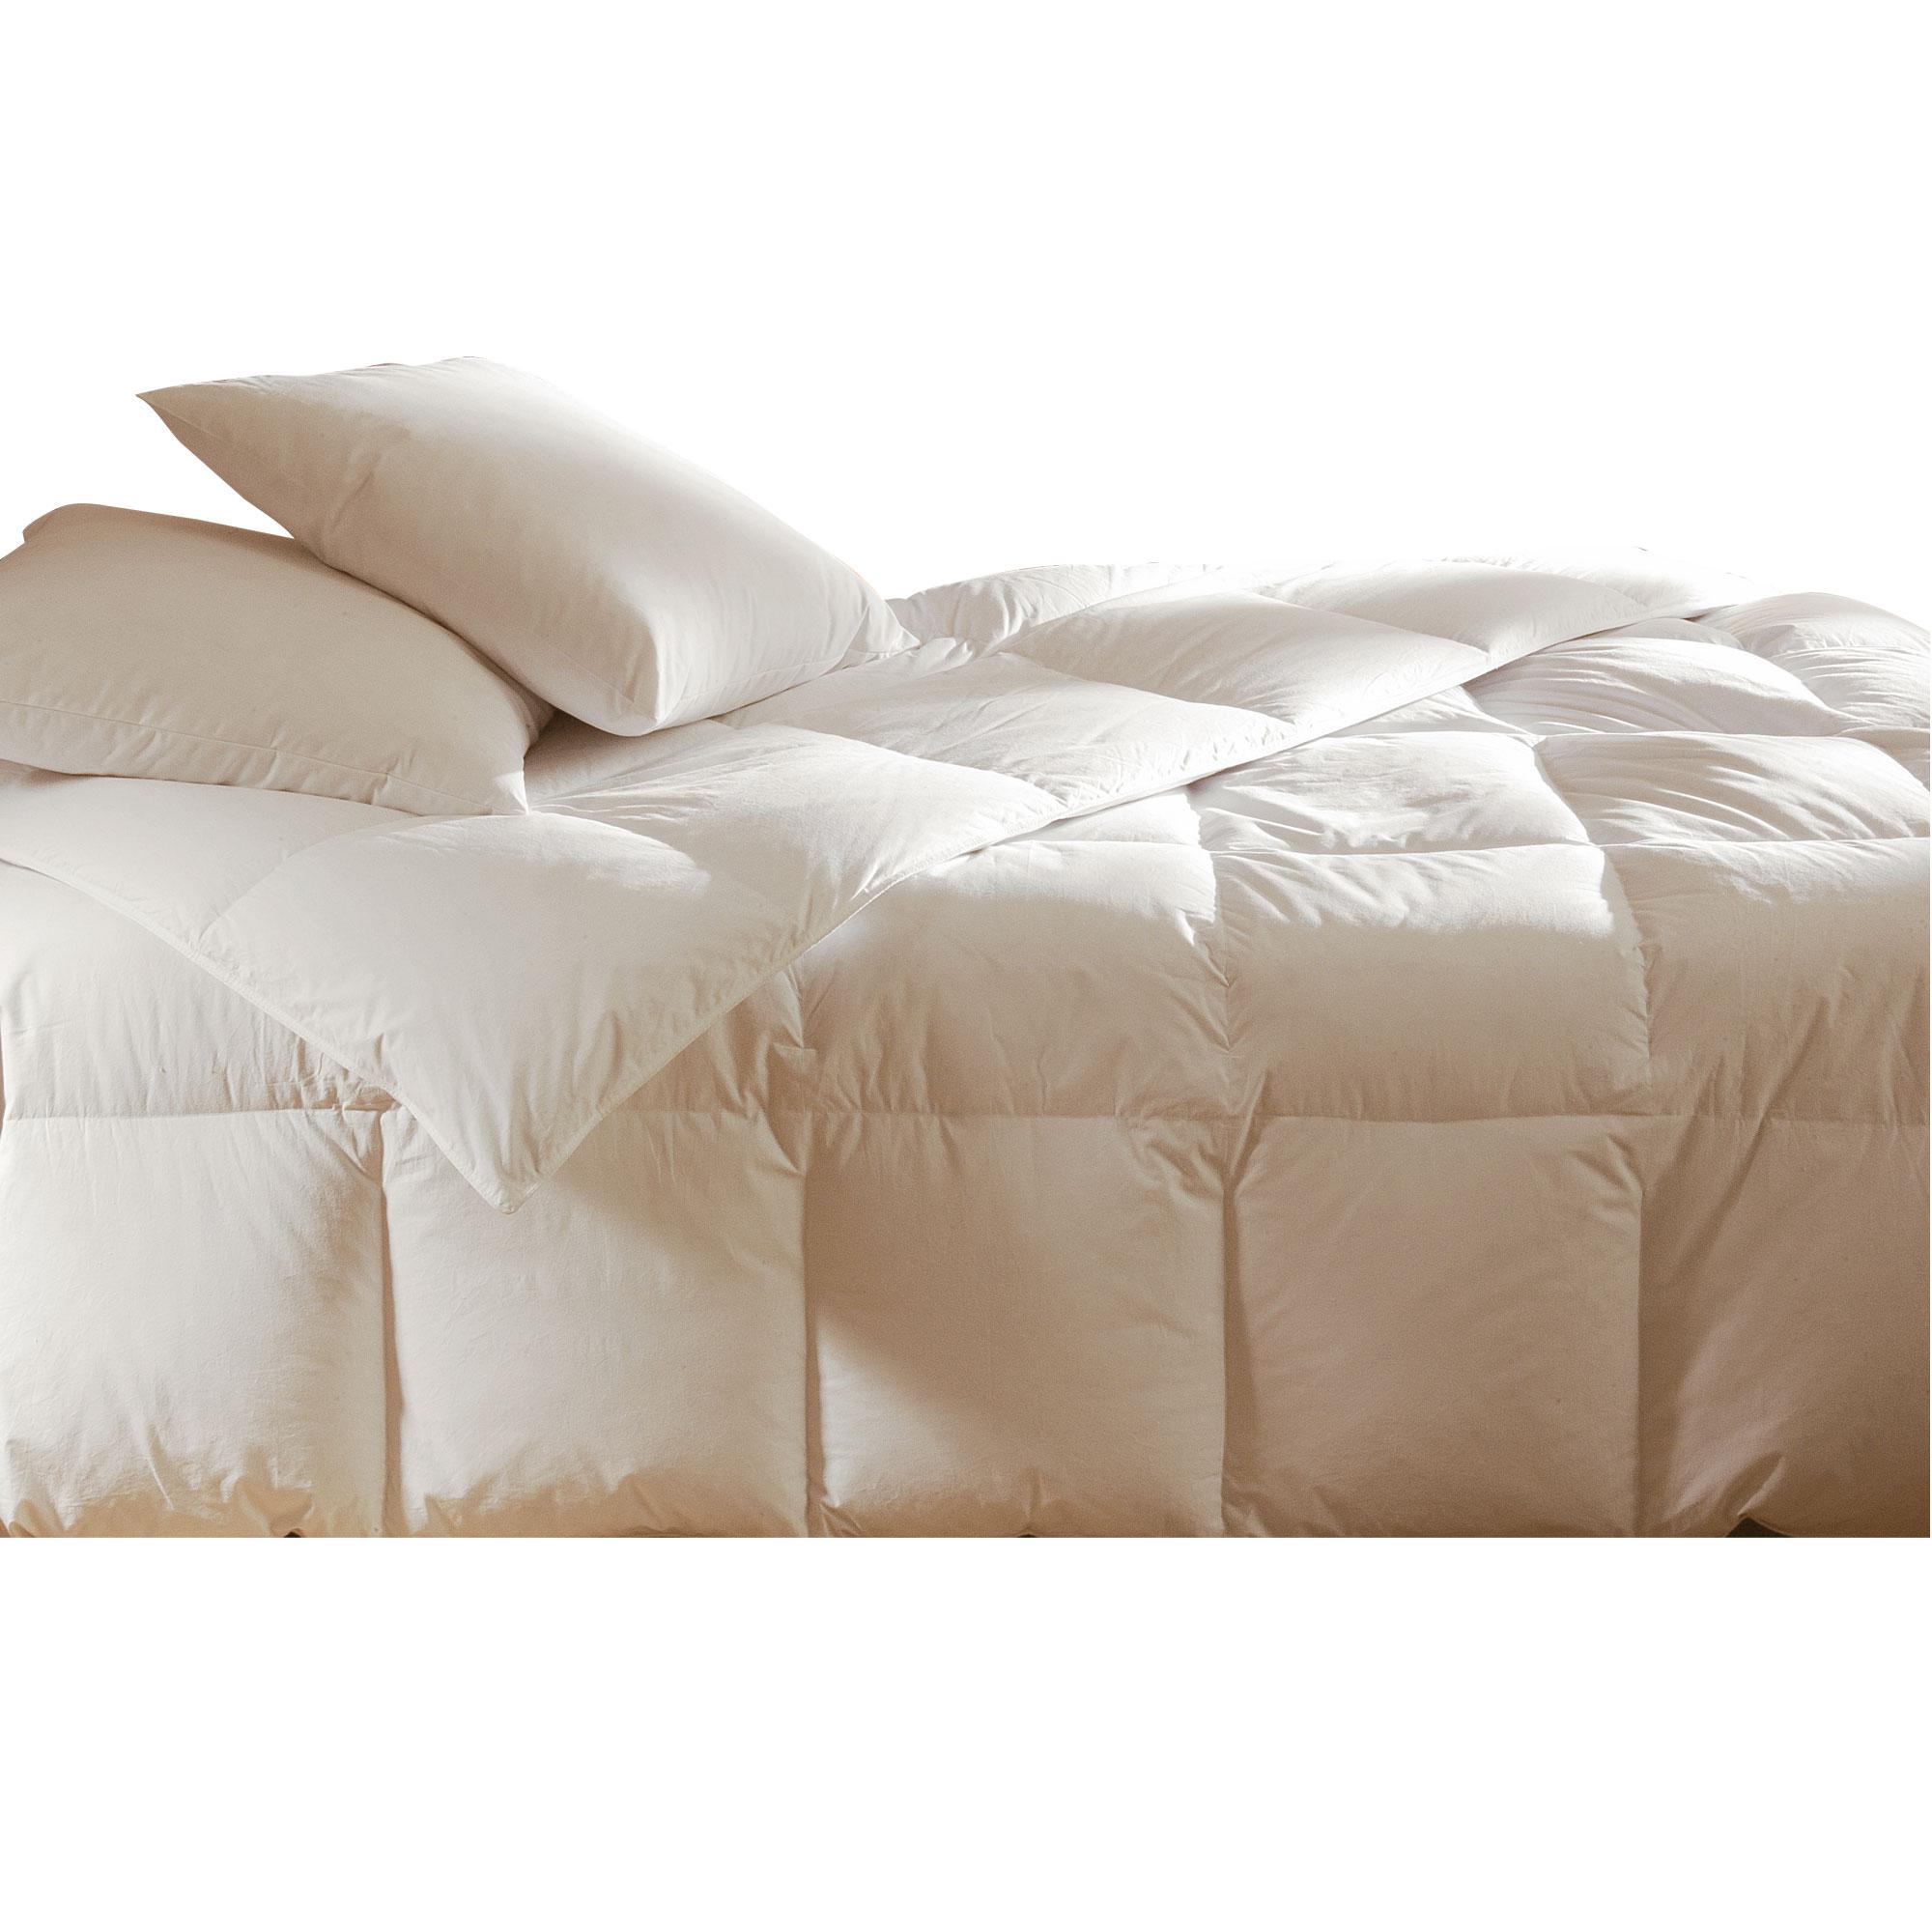 couette naturelle 70 duvet d 39 oie dodo 220 x 240 anniversaire 40 ans acheter ce produit au. Black Bedroom Furniture Sets. Home Design Ideas